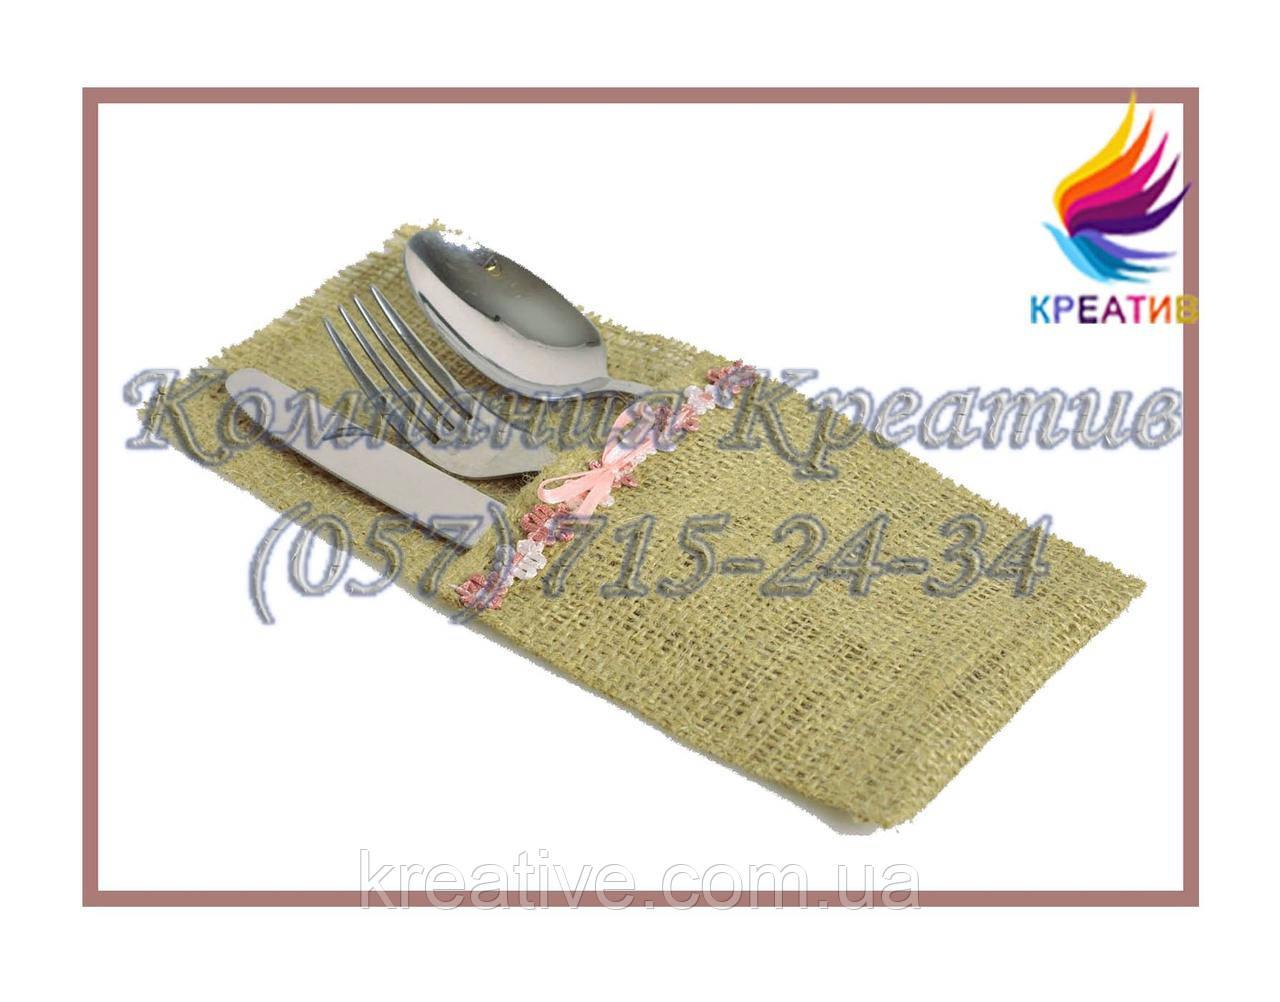 Чехлы для столовых приборов из мешковины, льна, джута (под заказ от 50 шт.)